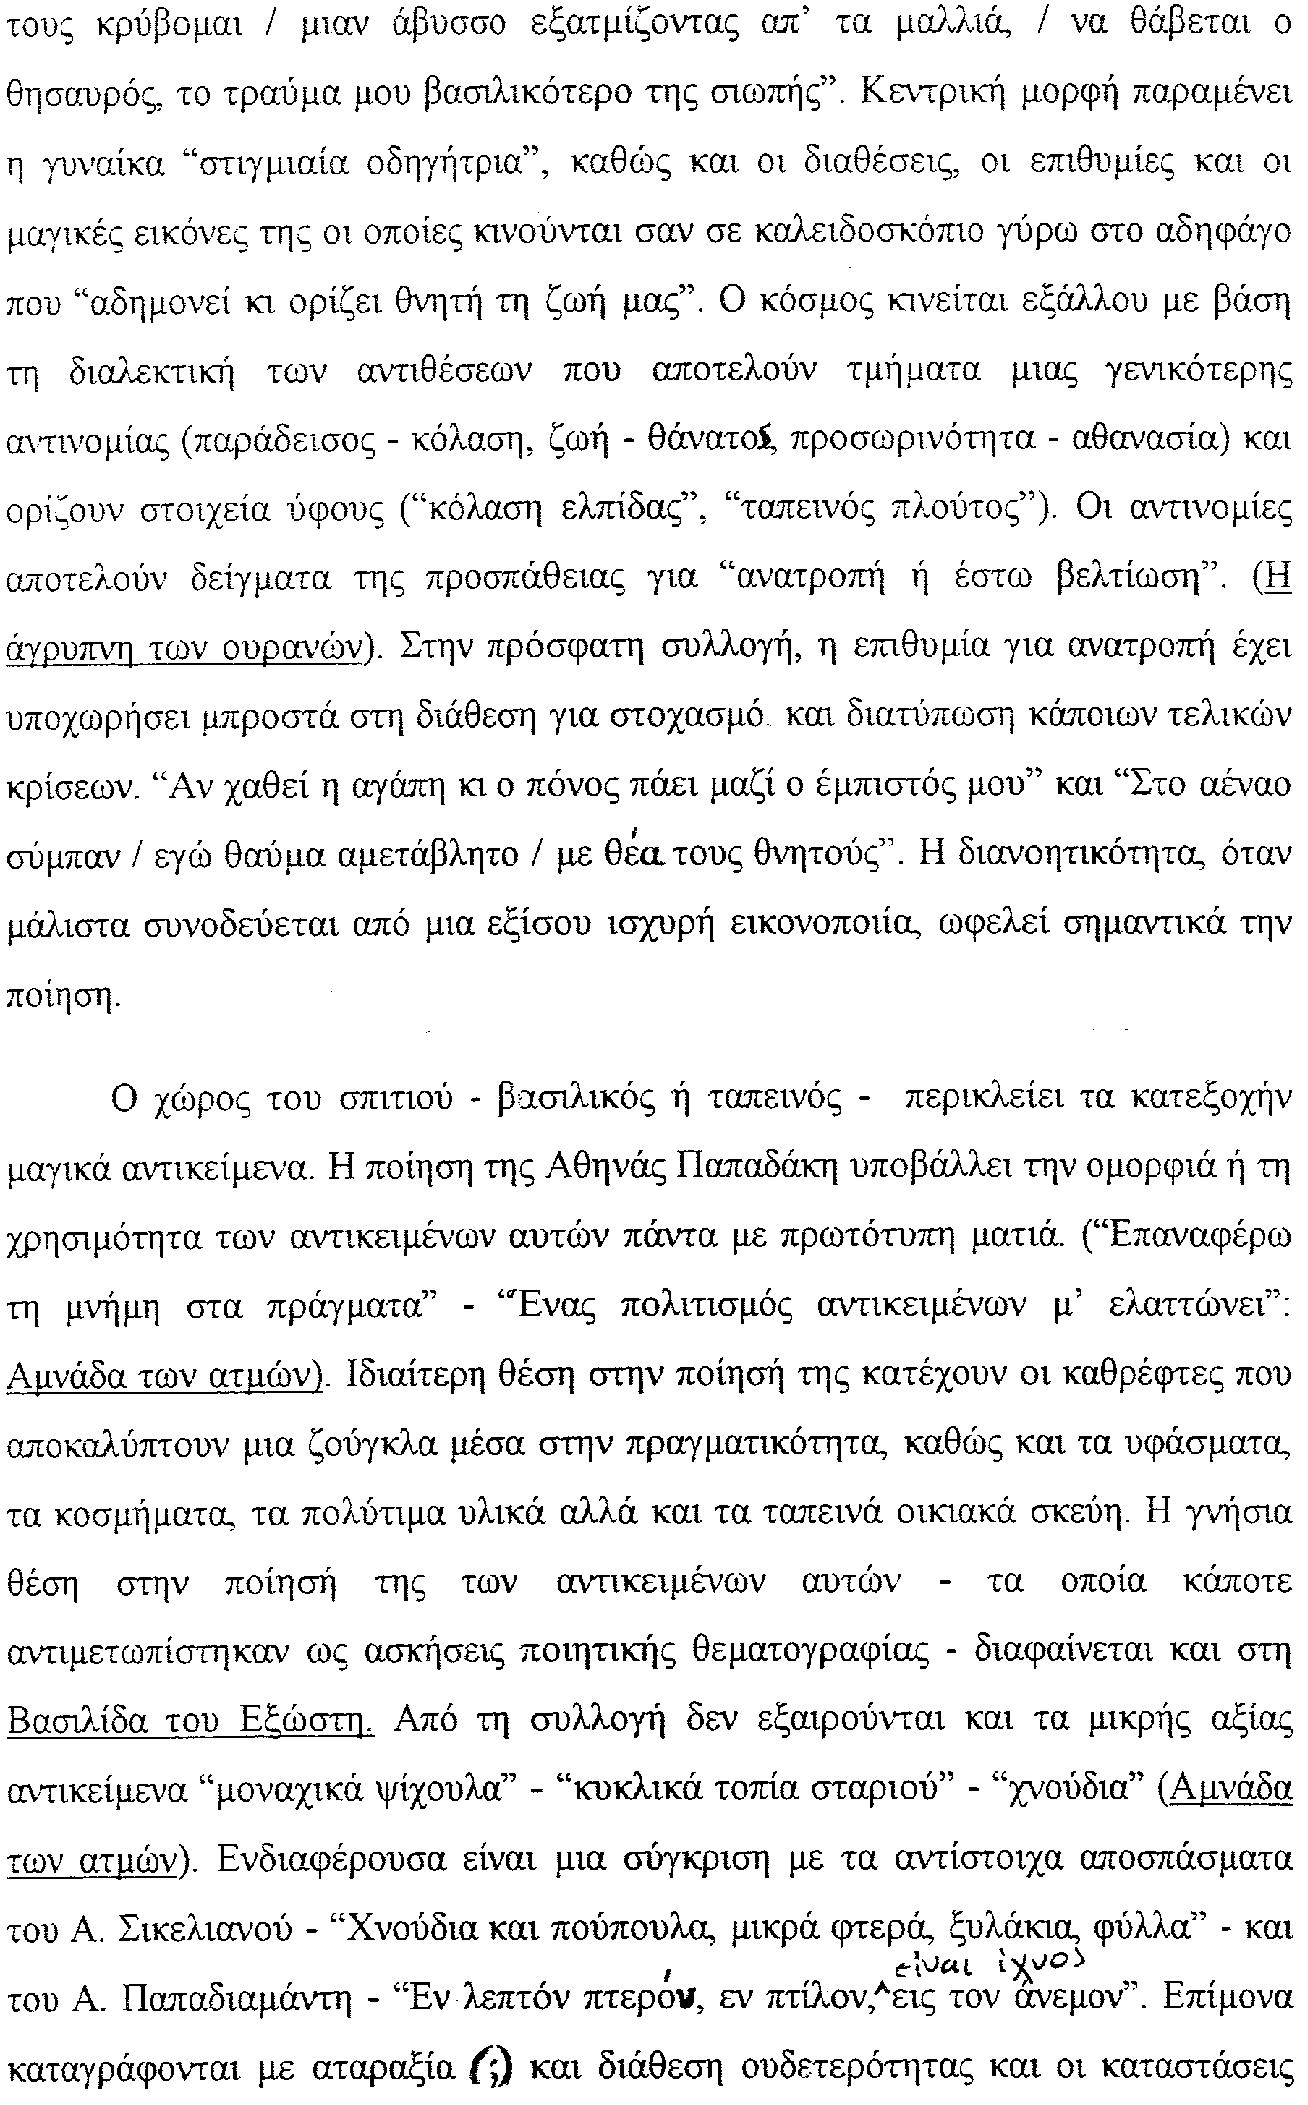 ΕΠΙΣΤΟΛΗ ΣΤΥΛΙΑΝΗ ΠΑΝΤΕΛΙΑ3